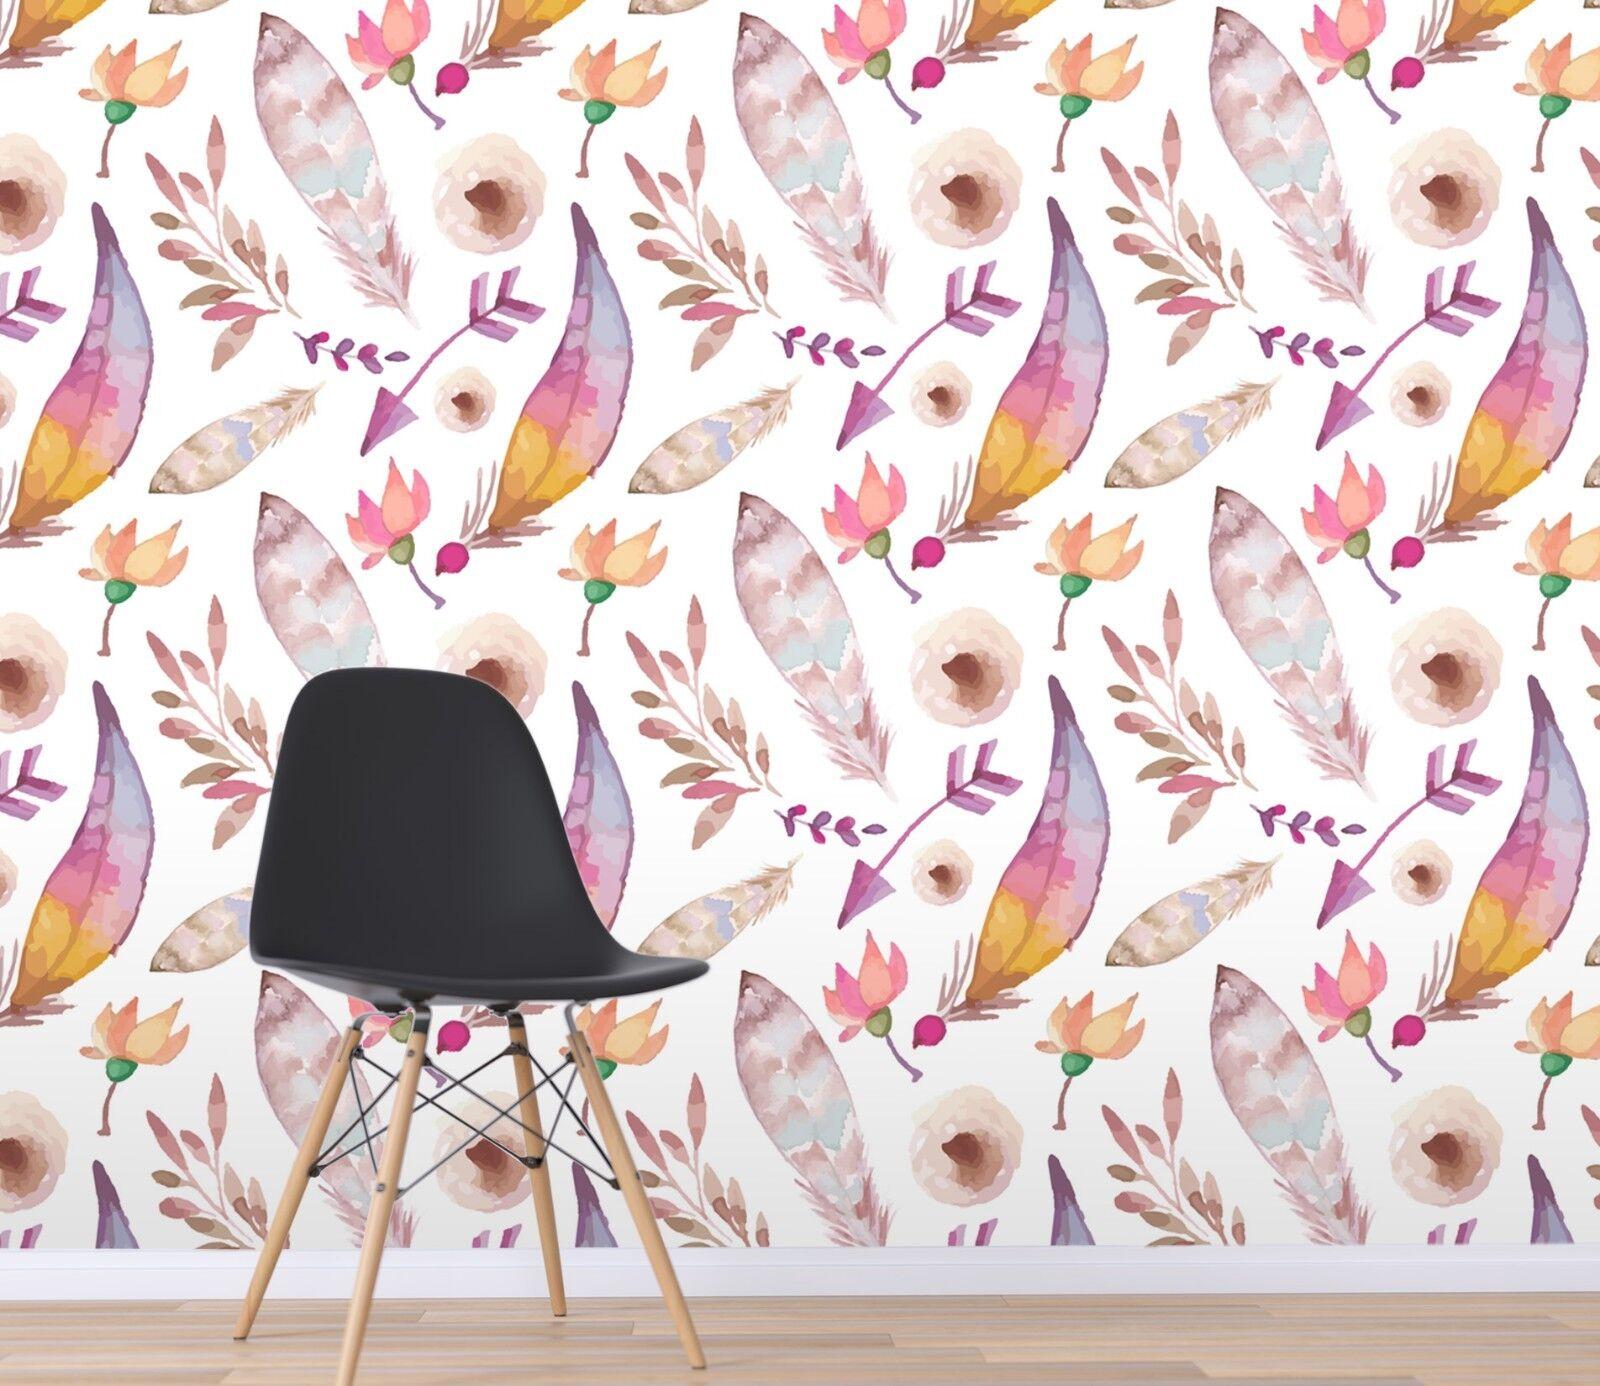 3D WaterFarbe Painting 2 Wallpaper Mural Print Wall Indoor Wallpaper Murals UK